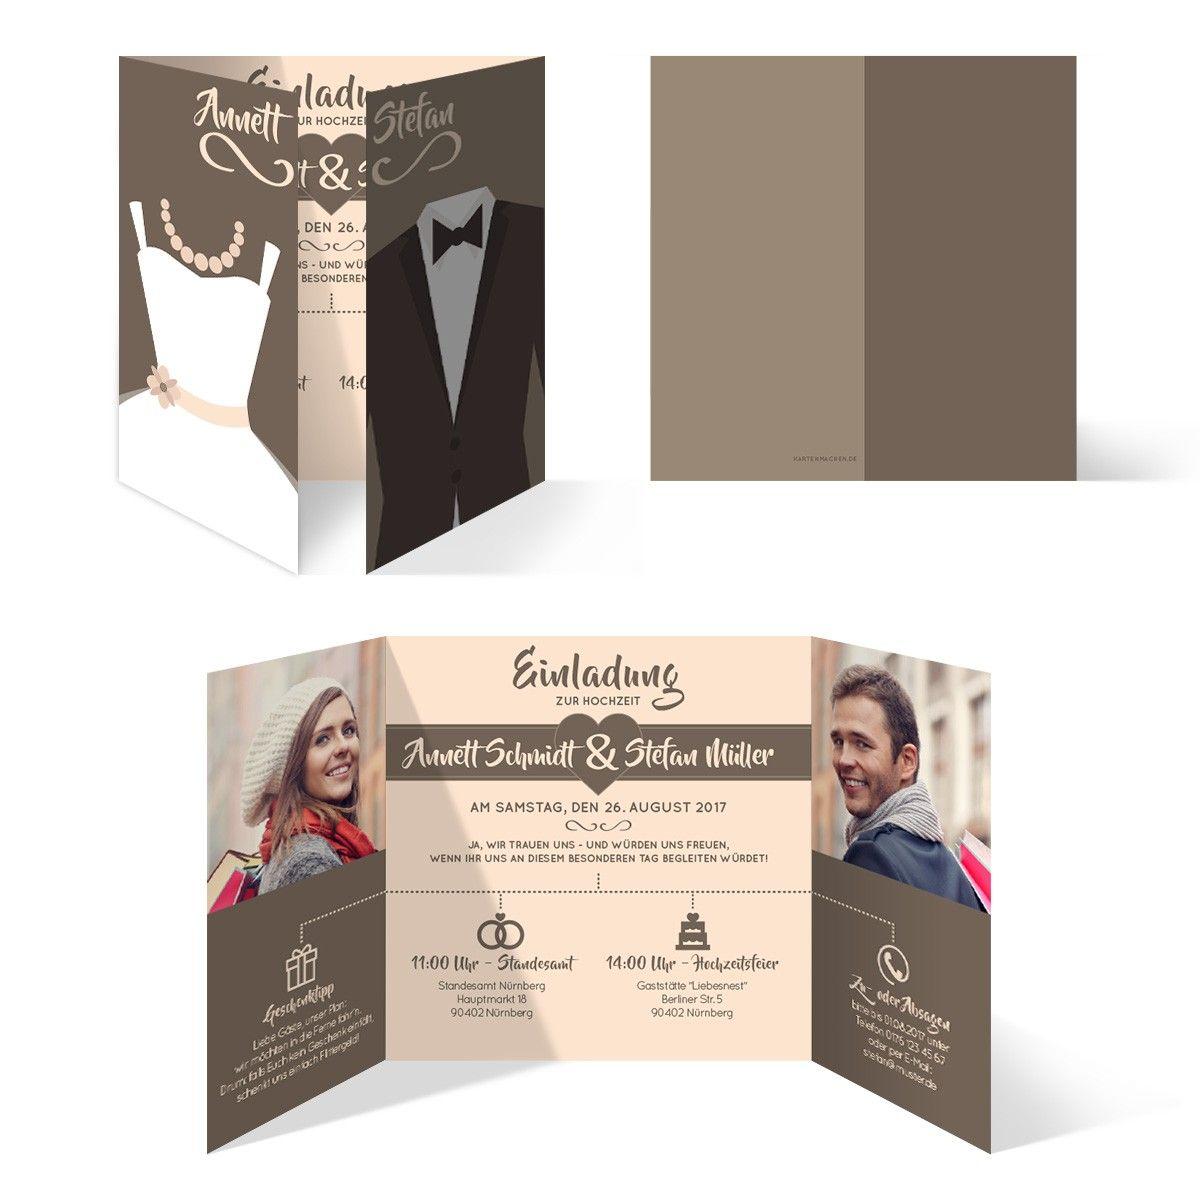 Schön Hochzeitseinladungen   Braut Und Bräutigam Altarfalz In Braun #hochzeit # Einladung #hochzeitseinladung #invitation #altarfalz #wedding #klappkarte #  ...